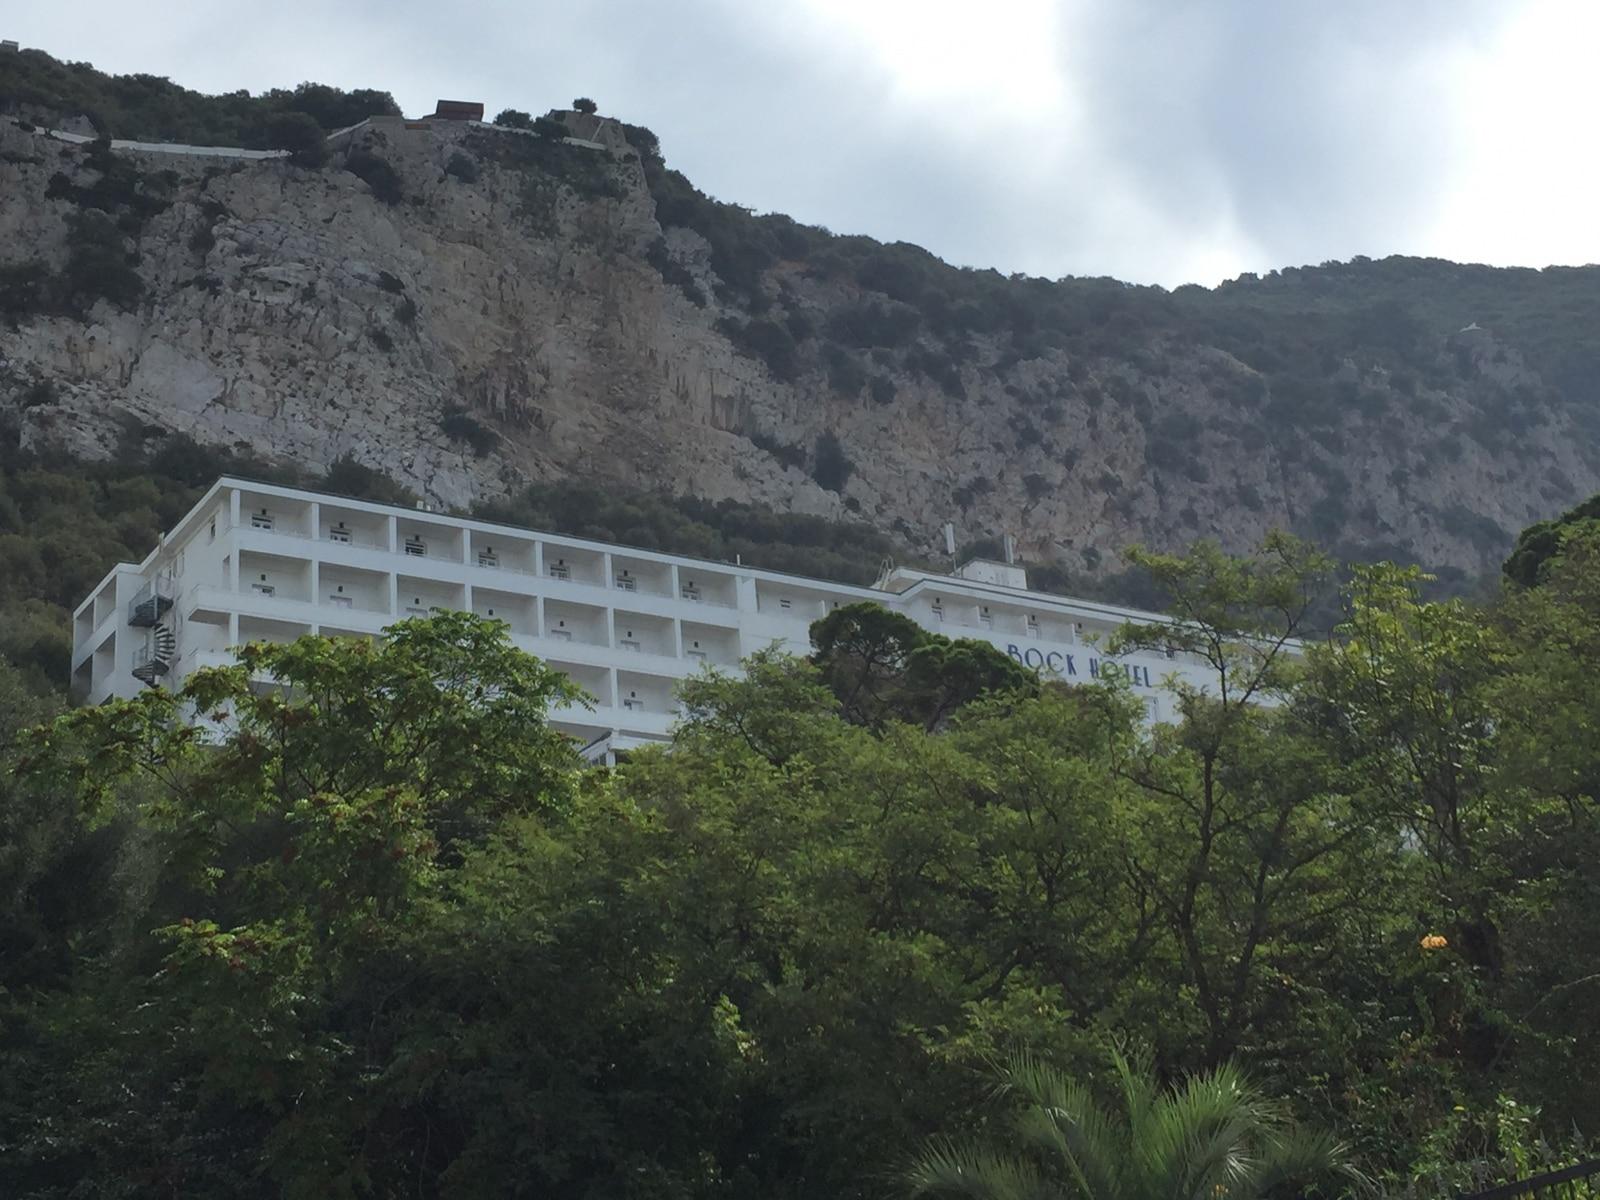 el-remodelado-rock-hotel-que-ha-albergado-a-grandes-personalidades-de-la-poltica-o-el-cine_22117779114_o